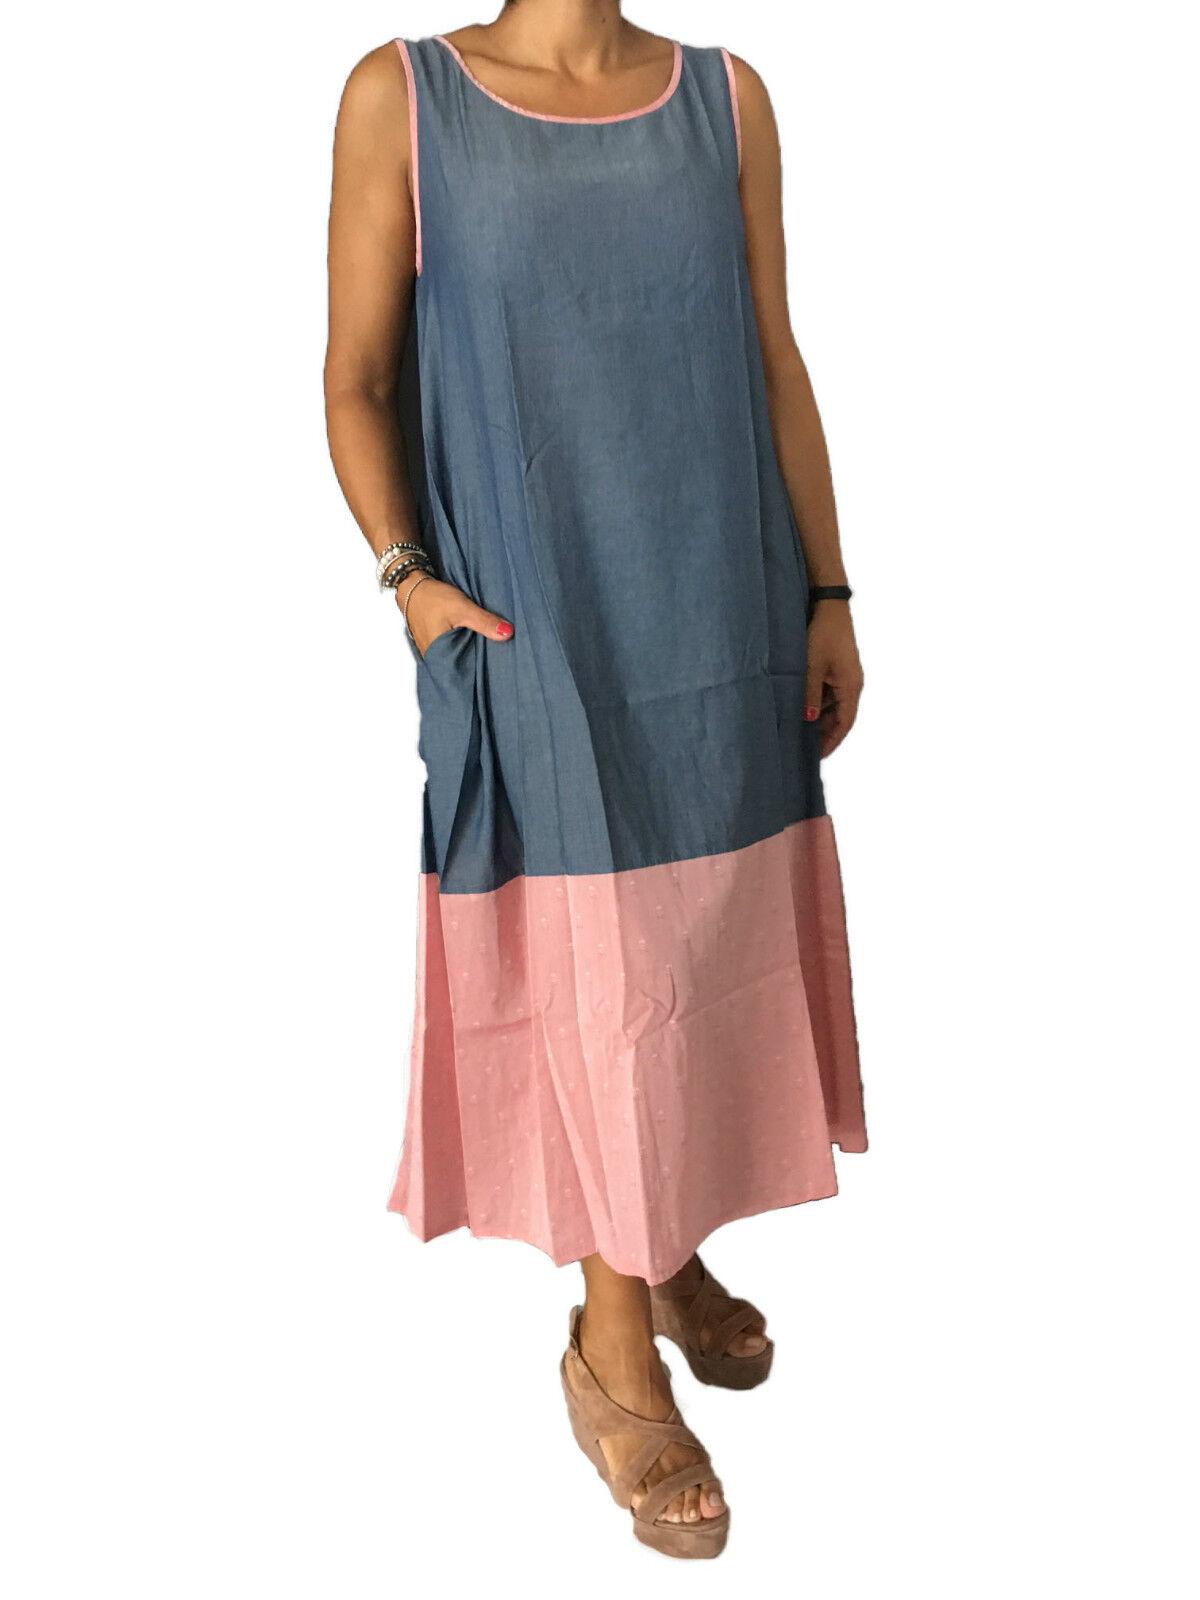 Buongiorno By Aldo Guglielminotti Kleid Frau mit Taschen Gestreift Denim Licht